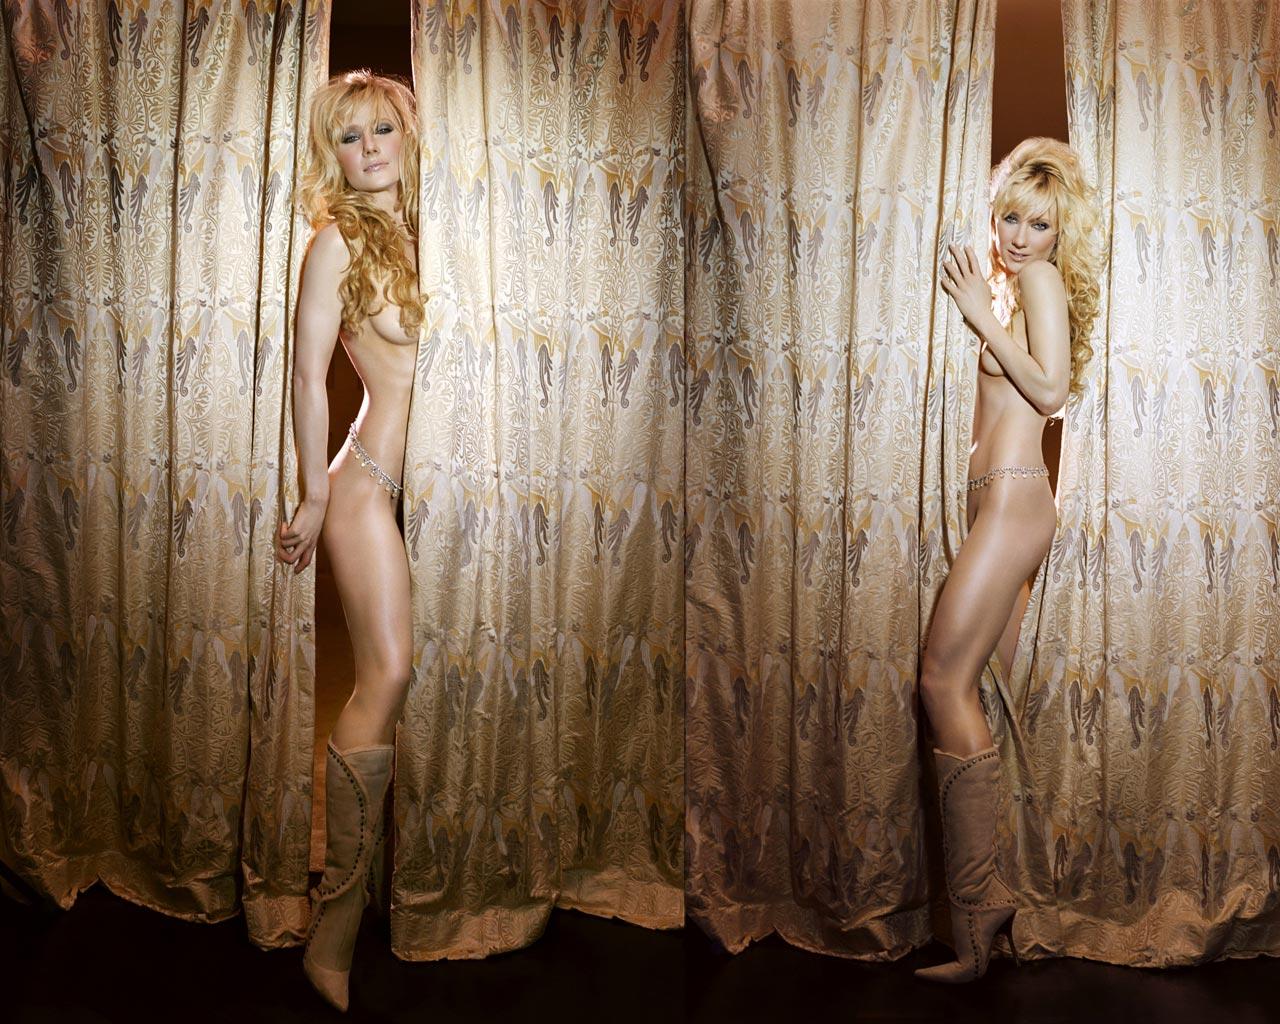 http://4.bp.blogspot.com/-F3LOUnP5w9k/ToPY8jNpxvI/AAAAAAAAIFI/EByhnYmR-Dc/s1600/Anne+Heche+en+escenas+de+sexo.jpg